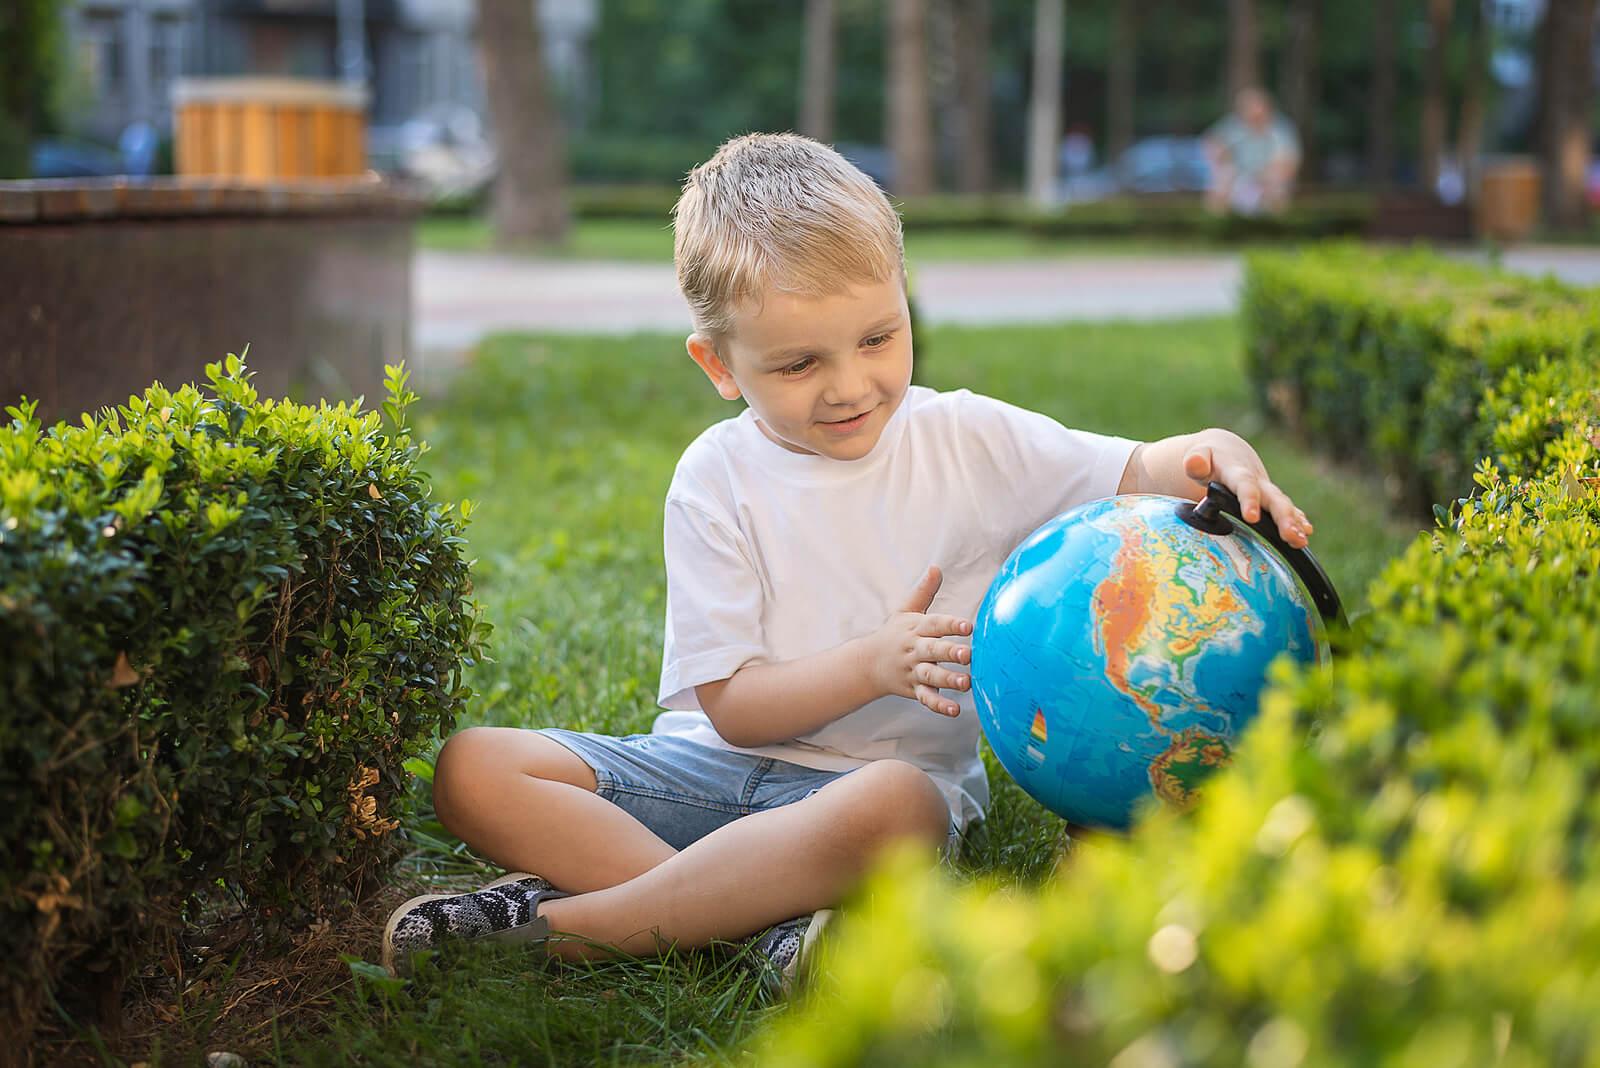 Niño aprendiendo a leer un globo terráqueo.